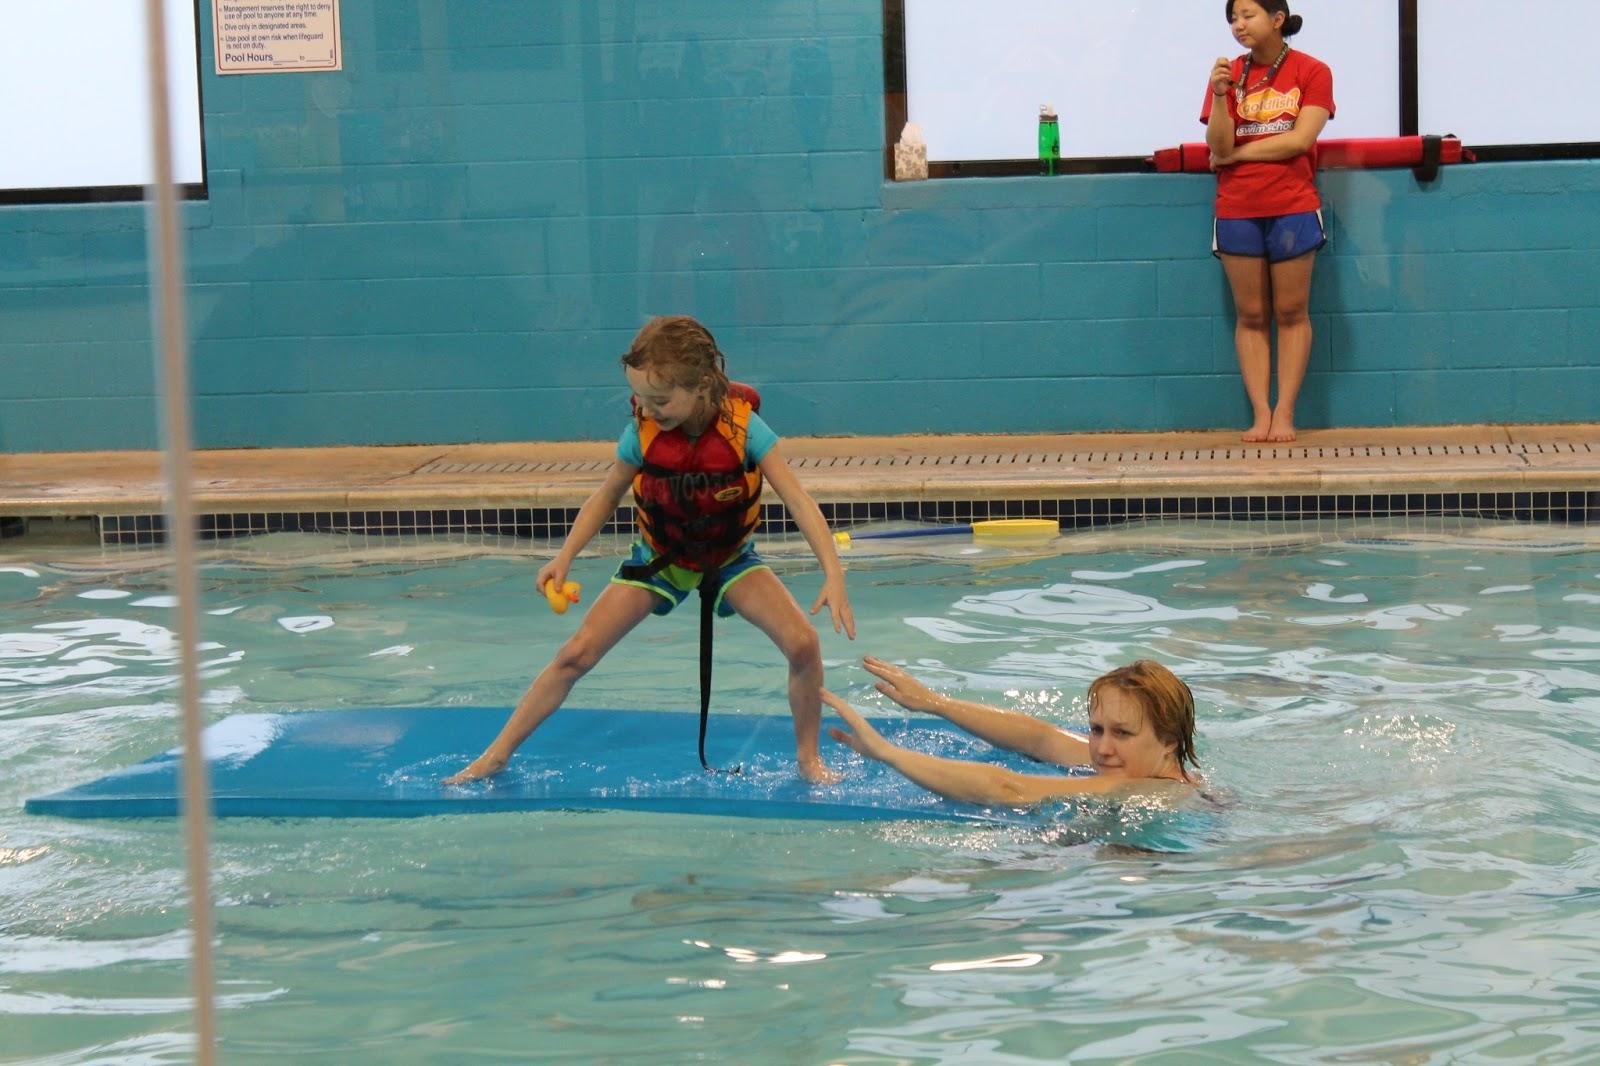 Goldfish Swim School - Ann Arbor - Facebook